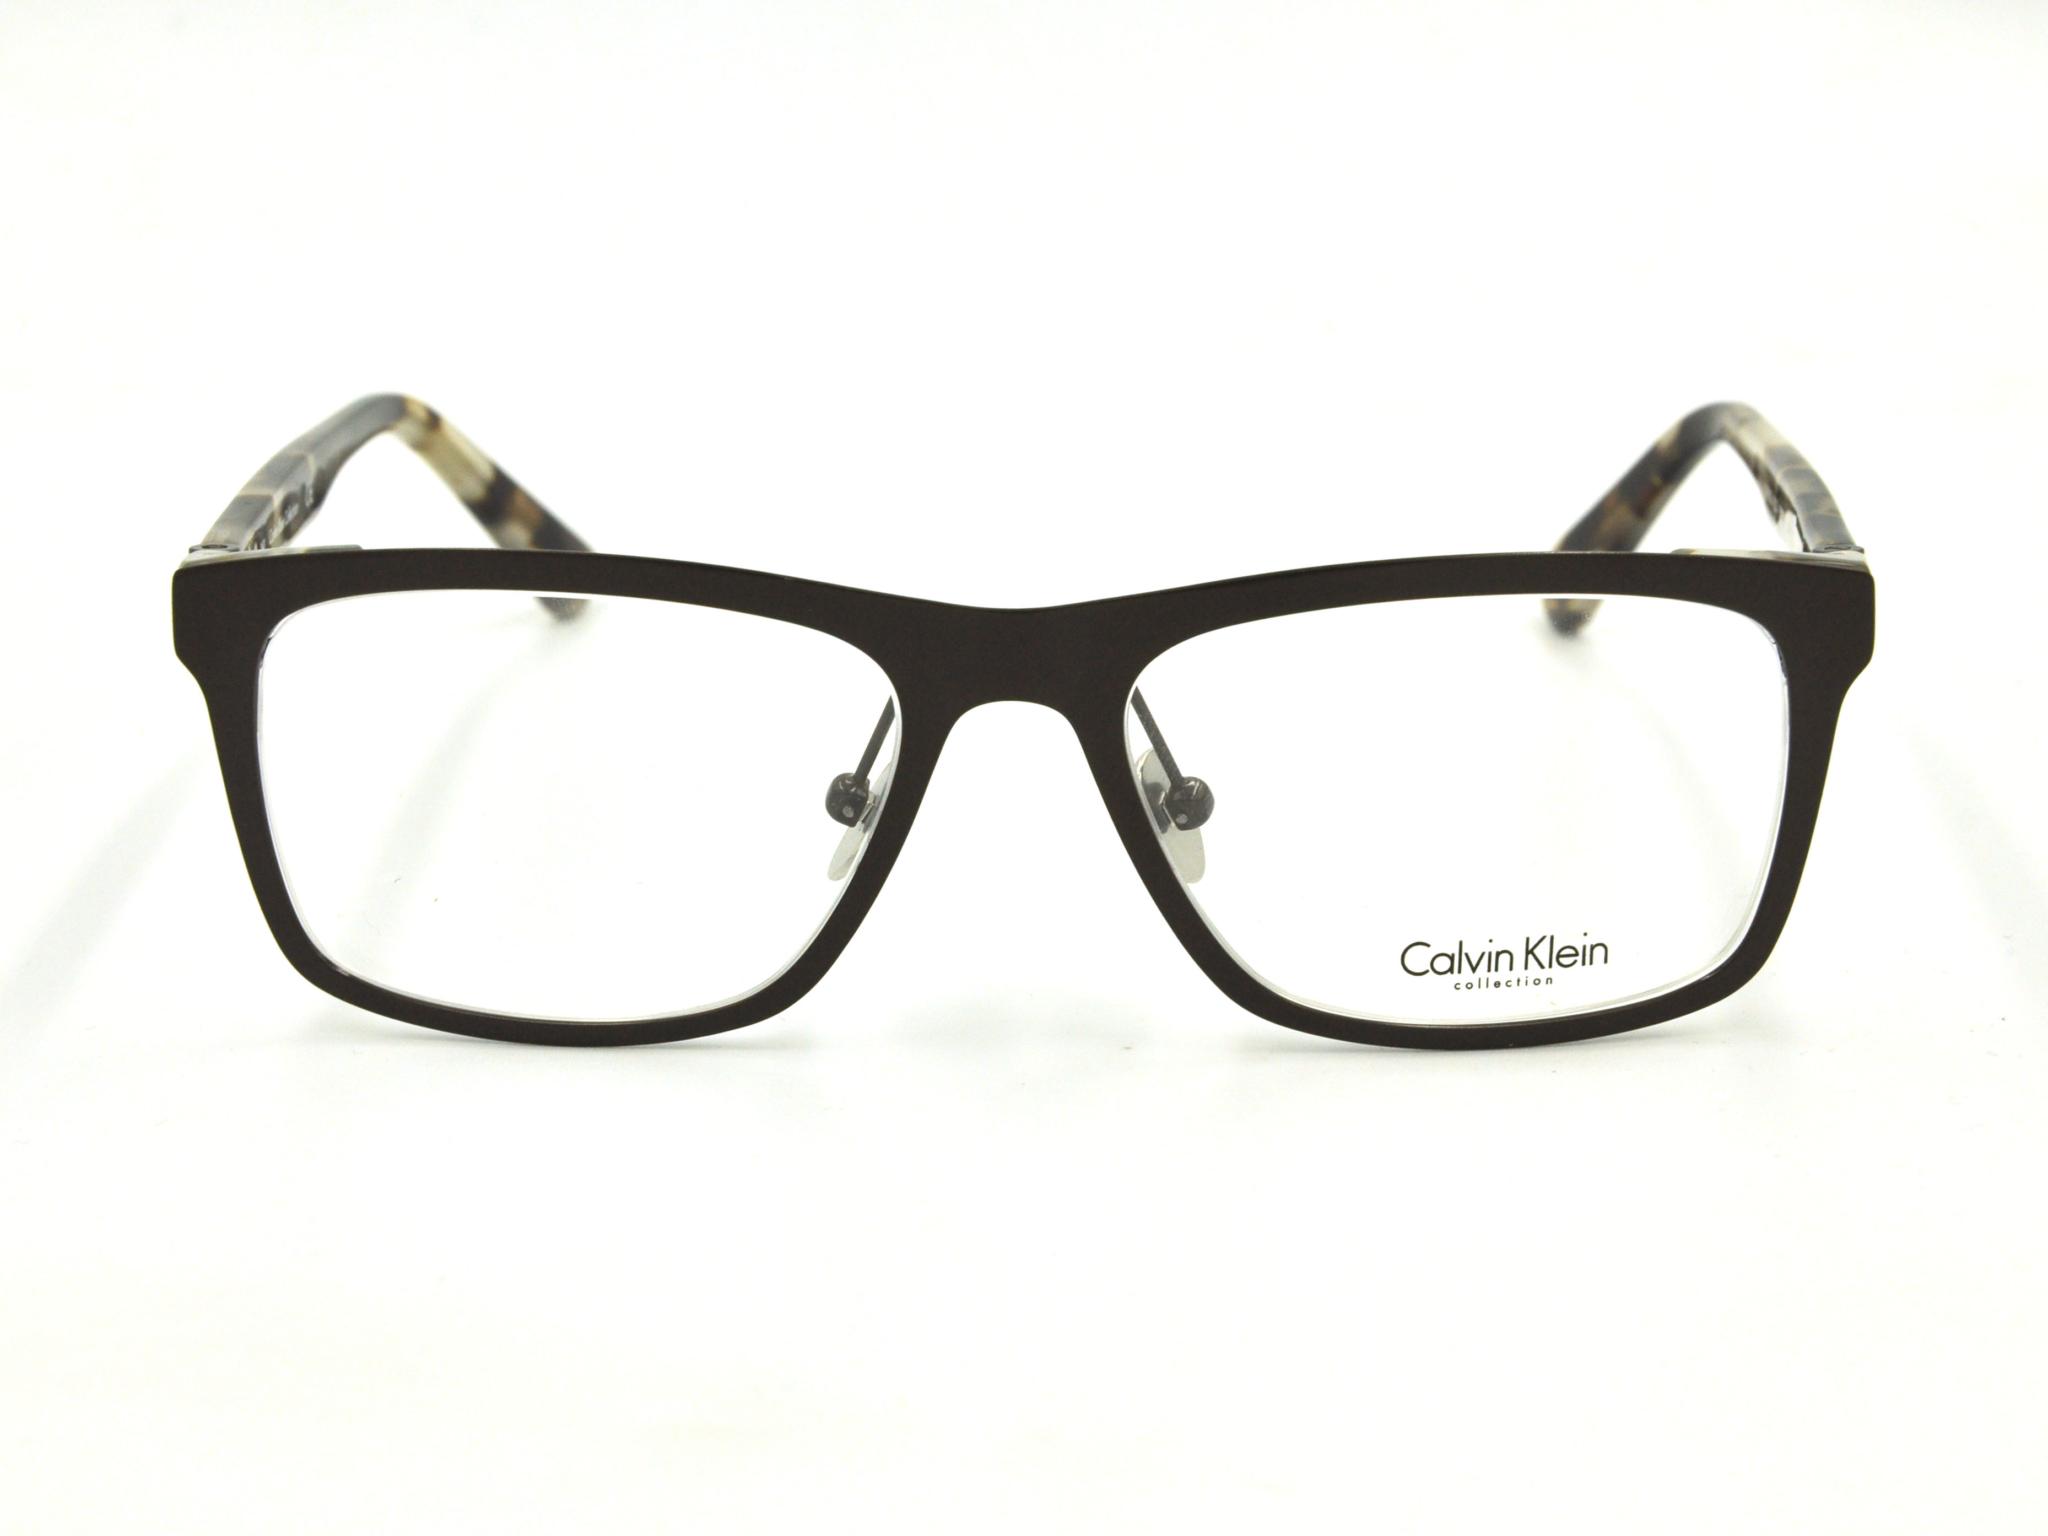 Γυαλιά οράσεως CALVIN KLEIN CK8025 223 Πειραιάς